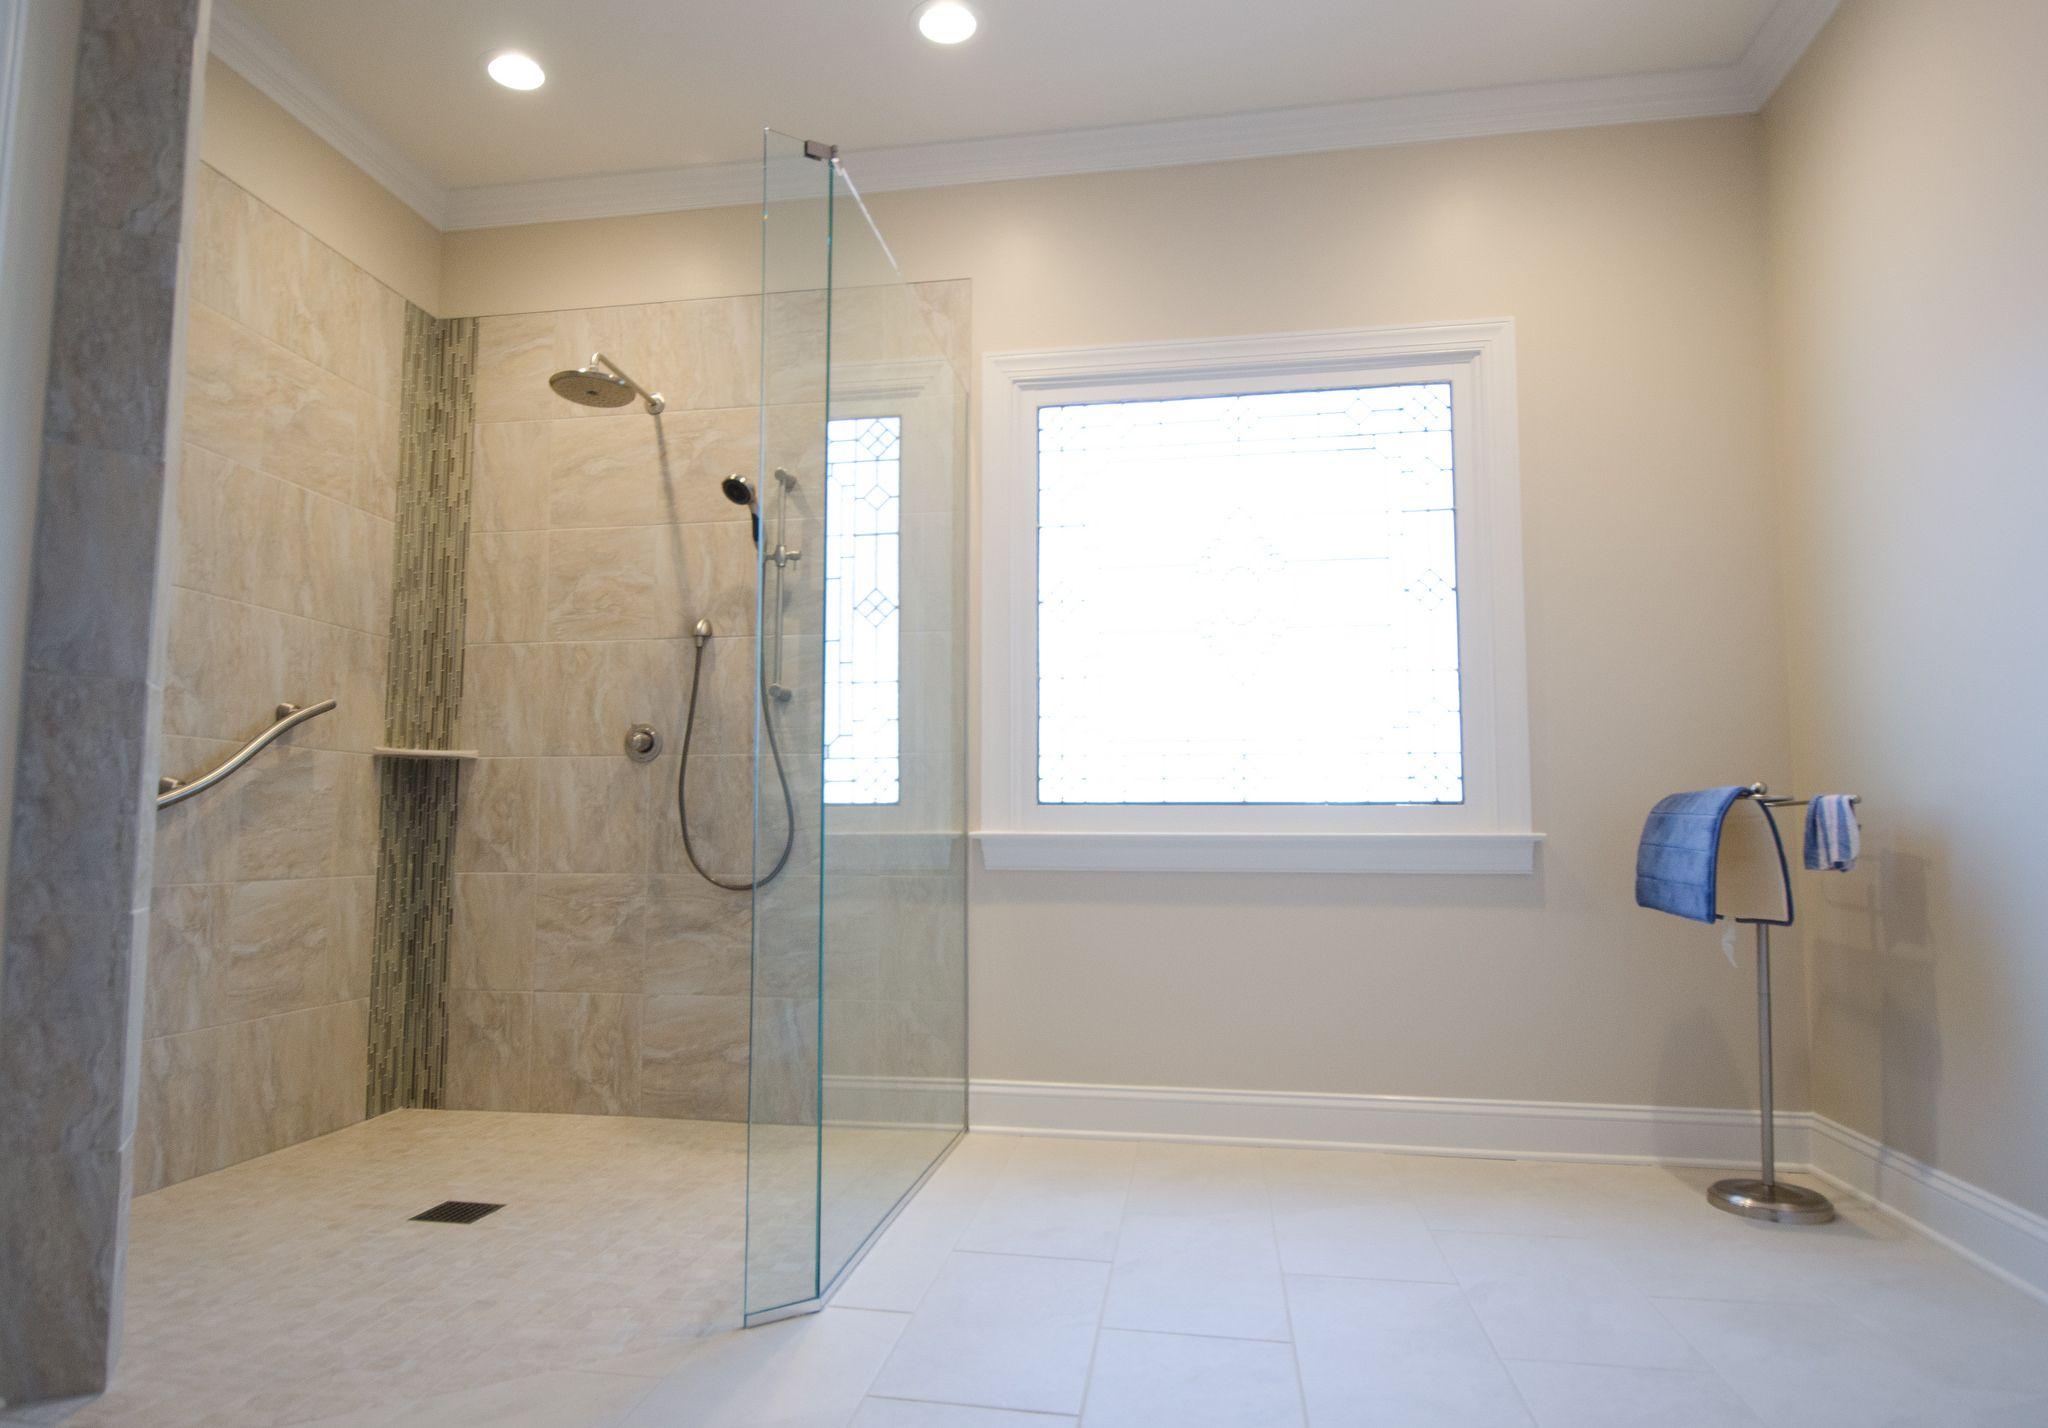 Re Tile Bathroom Bathroom Remodel Walk In Shower No Threshold Shower